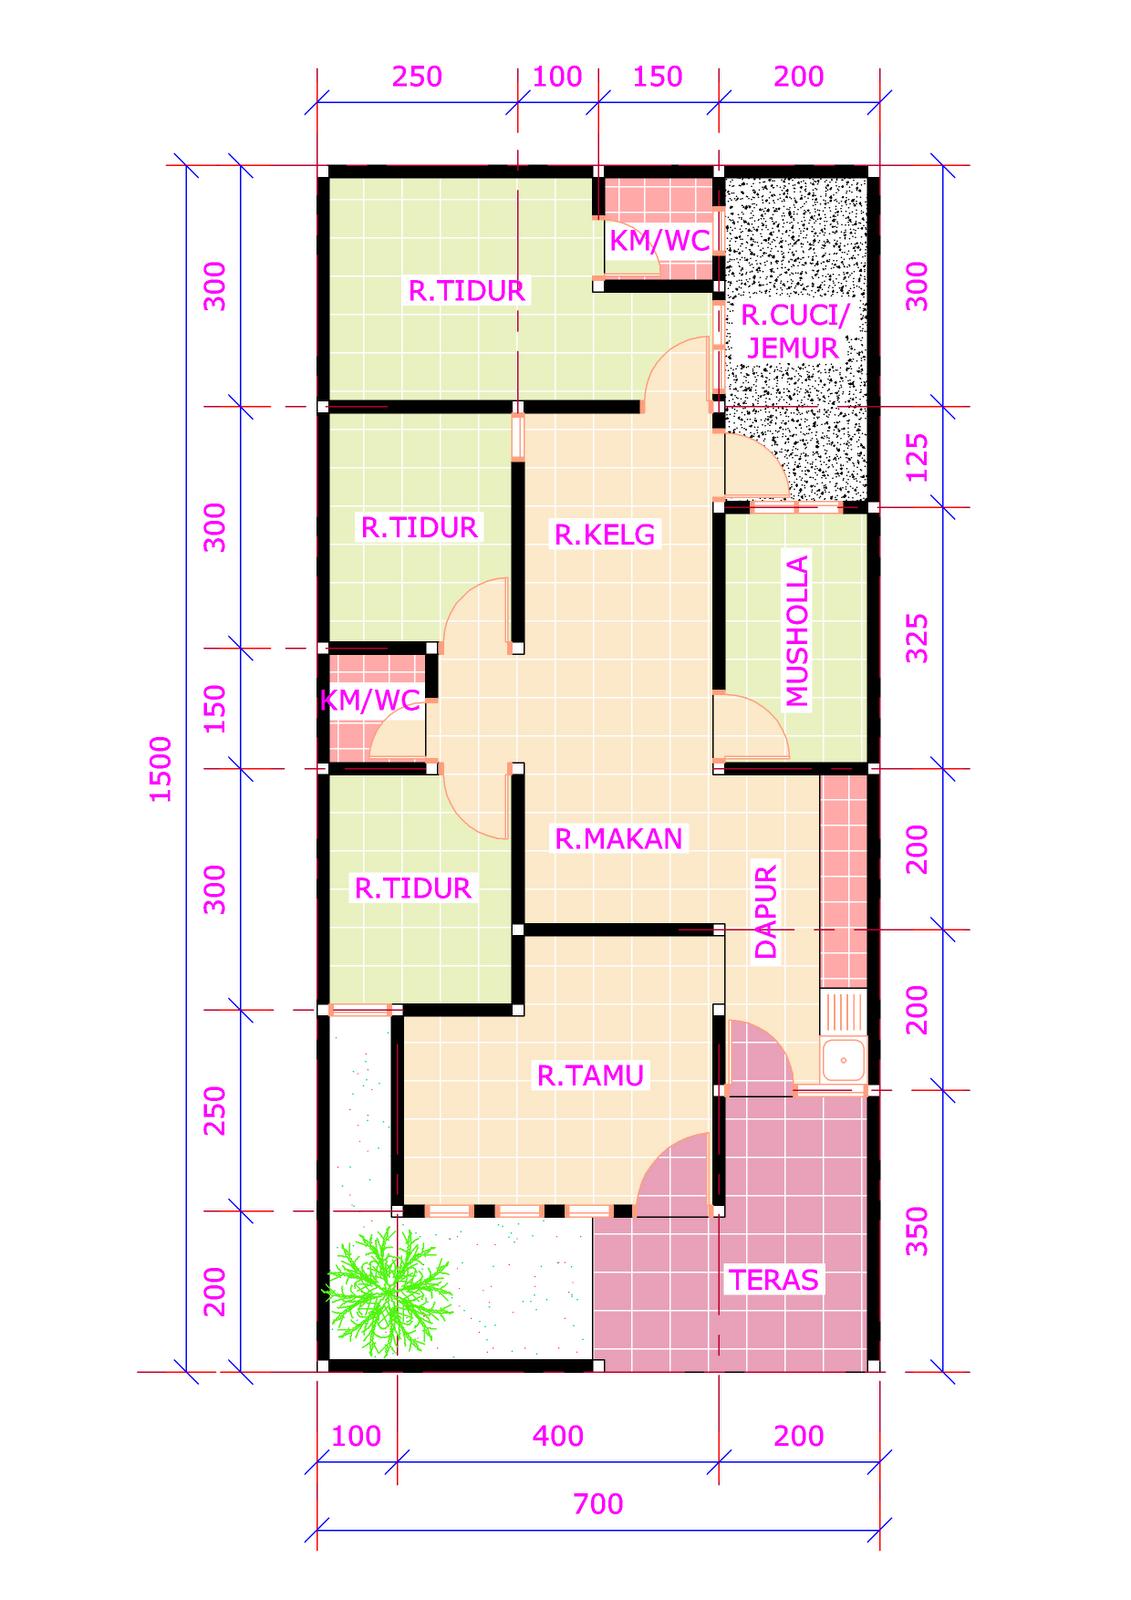 Denah Rumah Minimalis 3 Kamar Tidur Ukuran 7x12 | Desain ...